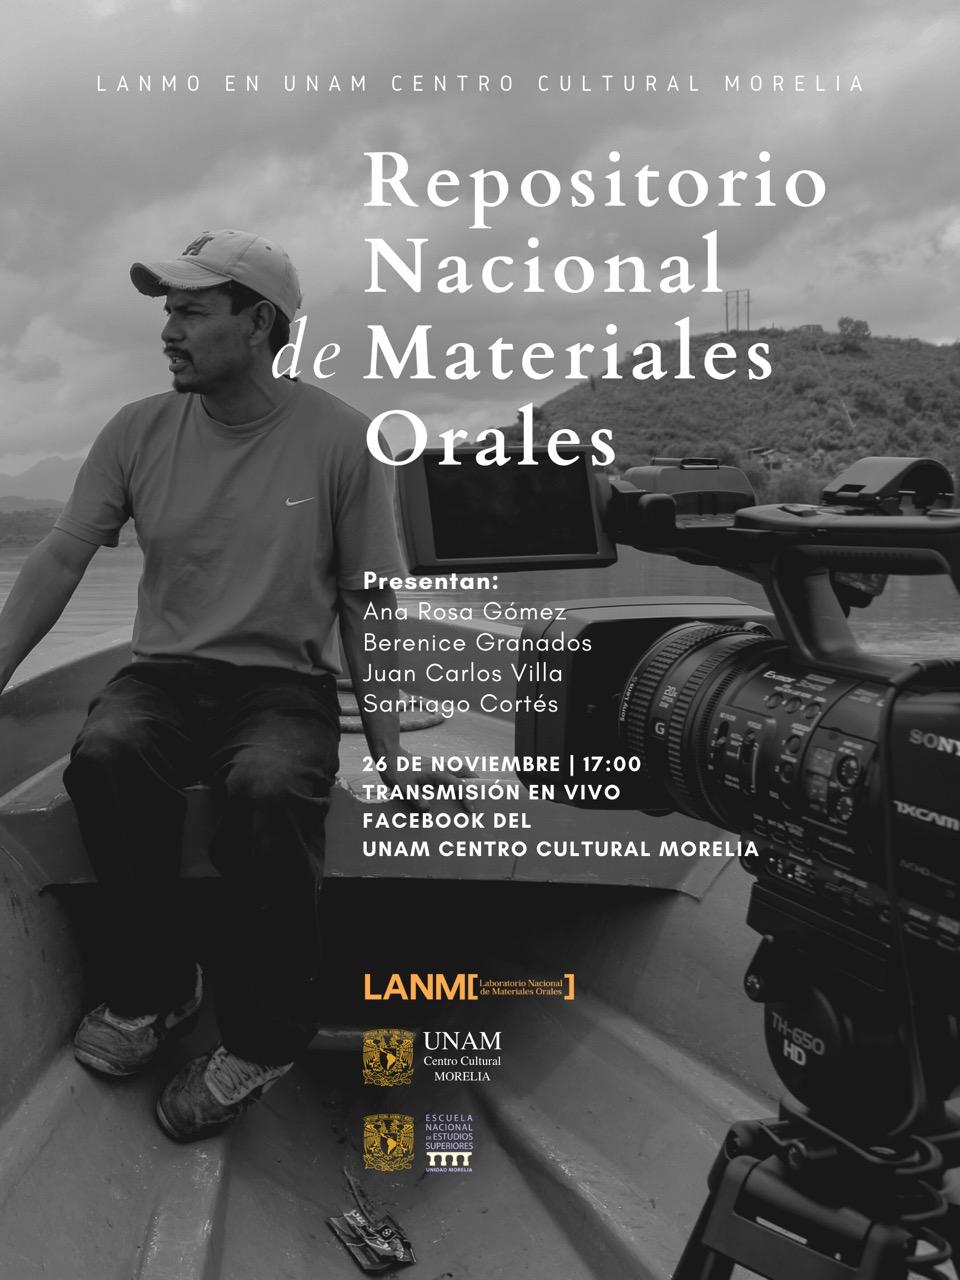 Presentarán Repositorio del LANMO en el Centro Cultural UNAM Morelia